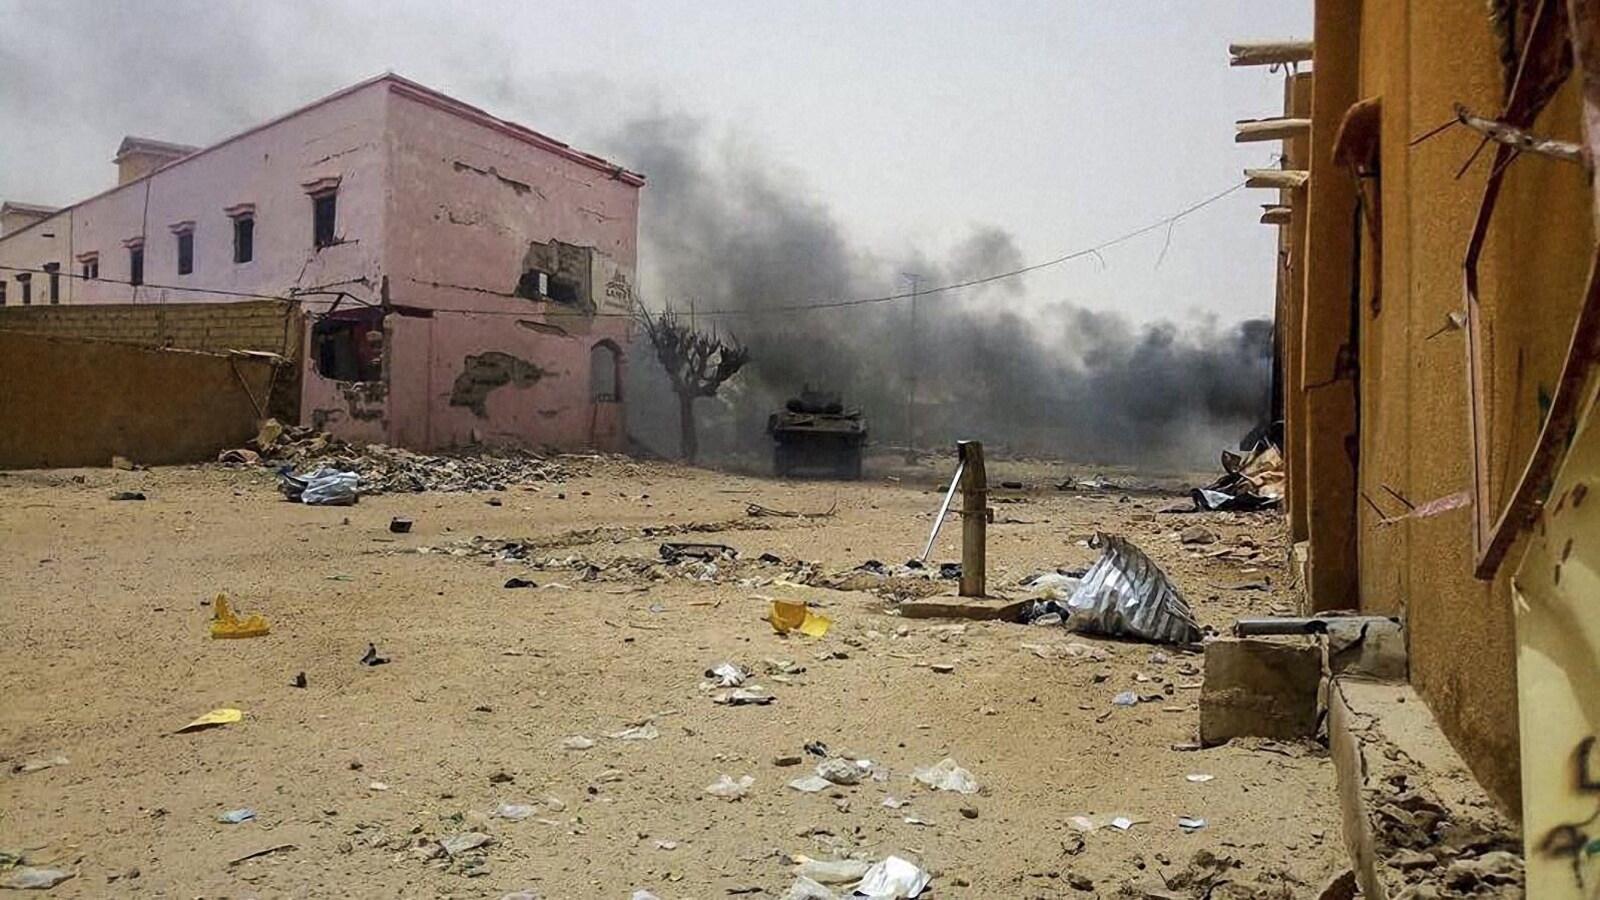 Un char d'assaut roule dans ville en ruine, les bâtiments ont été bombardés et le sol est jonché de débris.